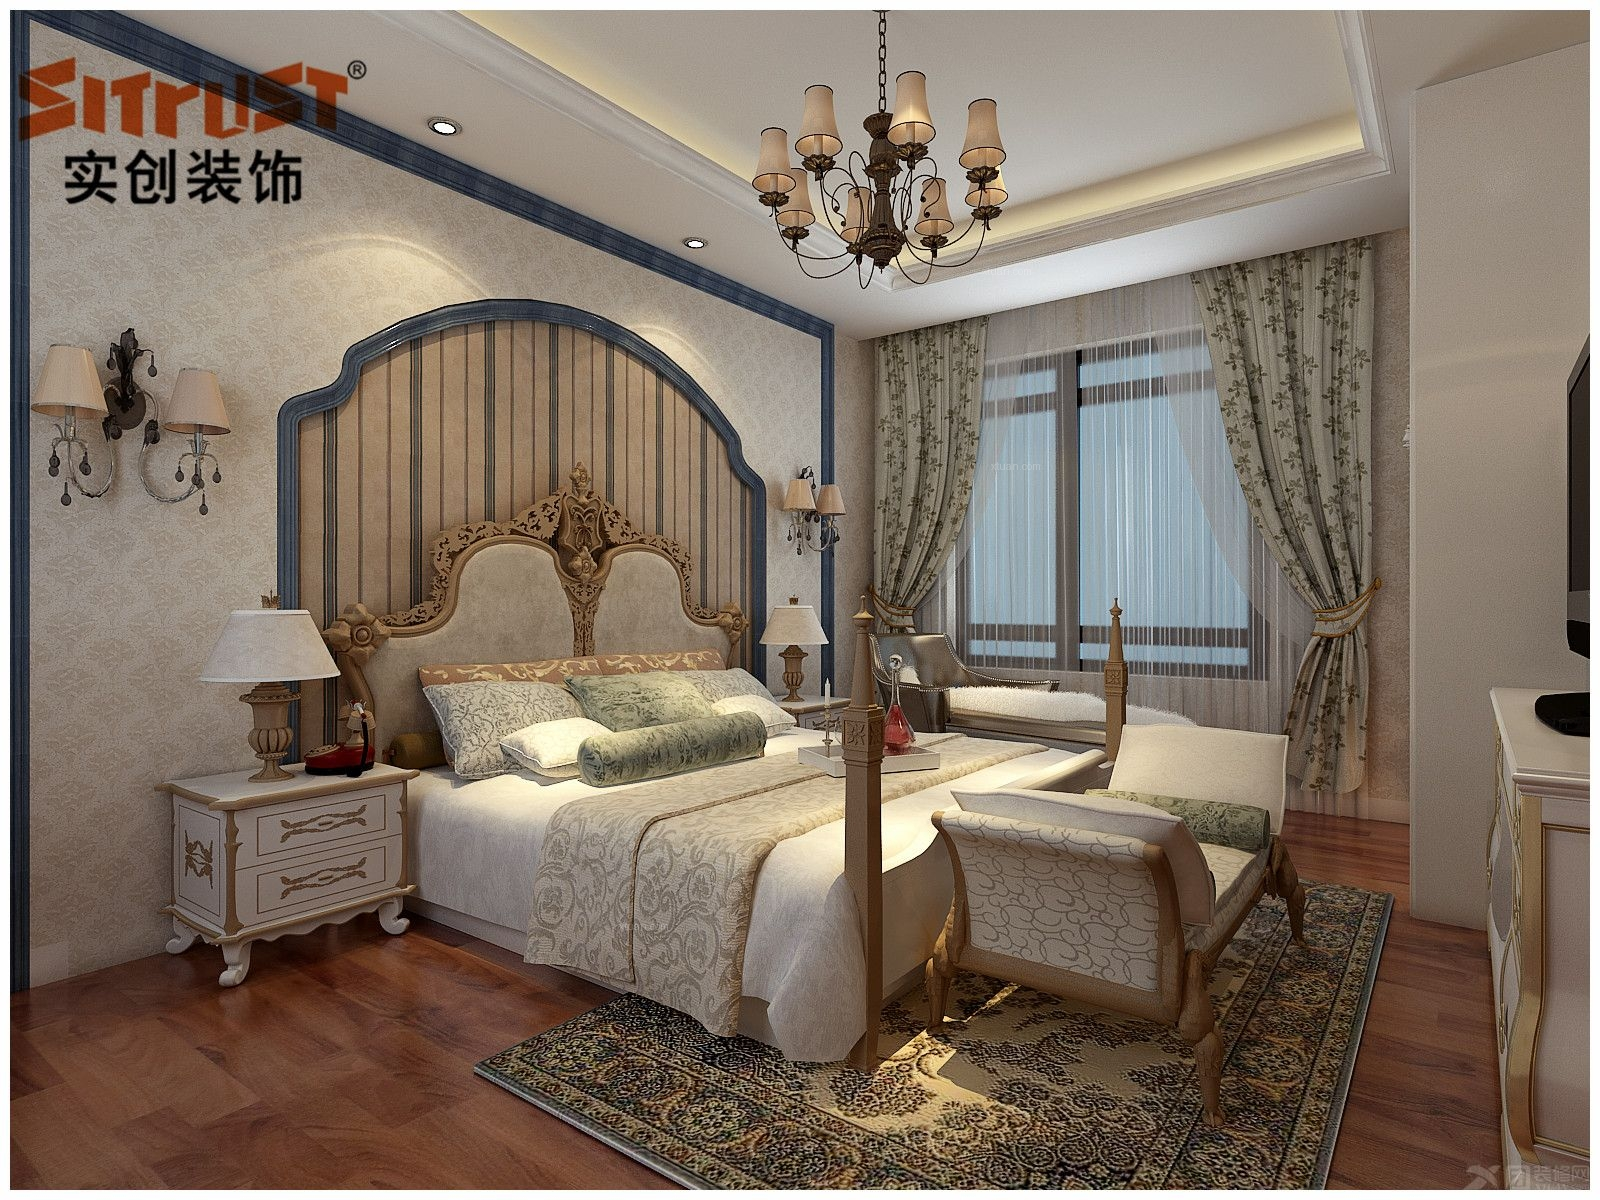 别墅美式风格客厅图片